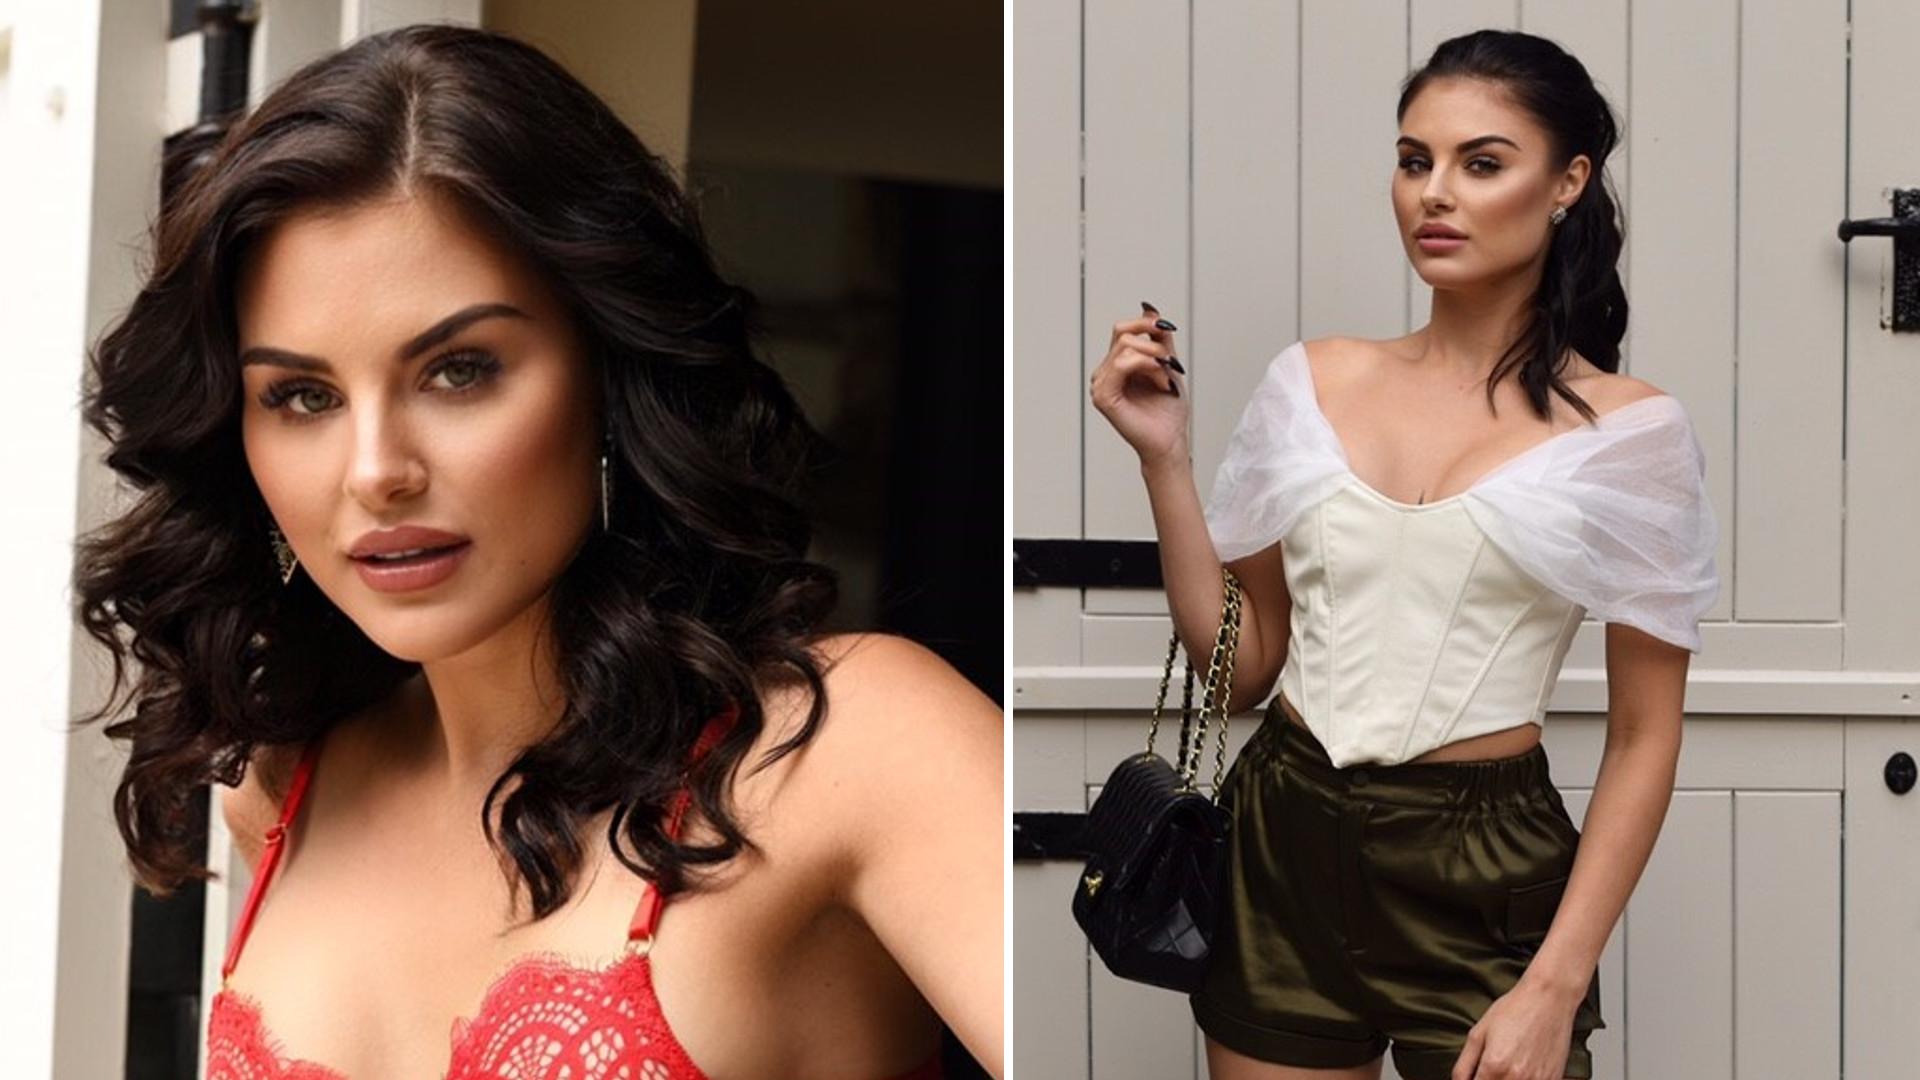 Iza Motyl, polska fotomodelka, pojawiła się w czeskim oraz słowackim Playboyu